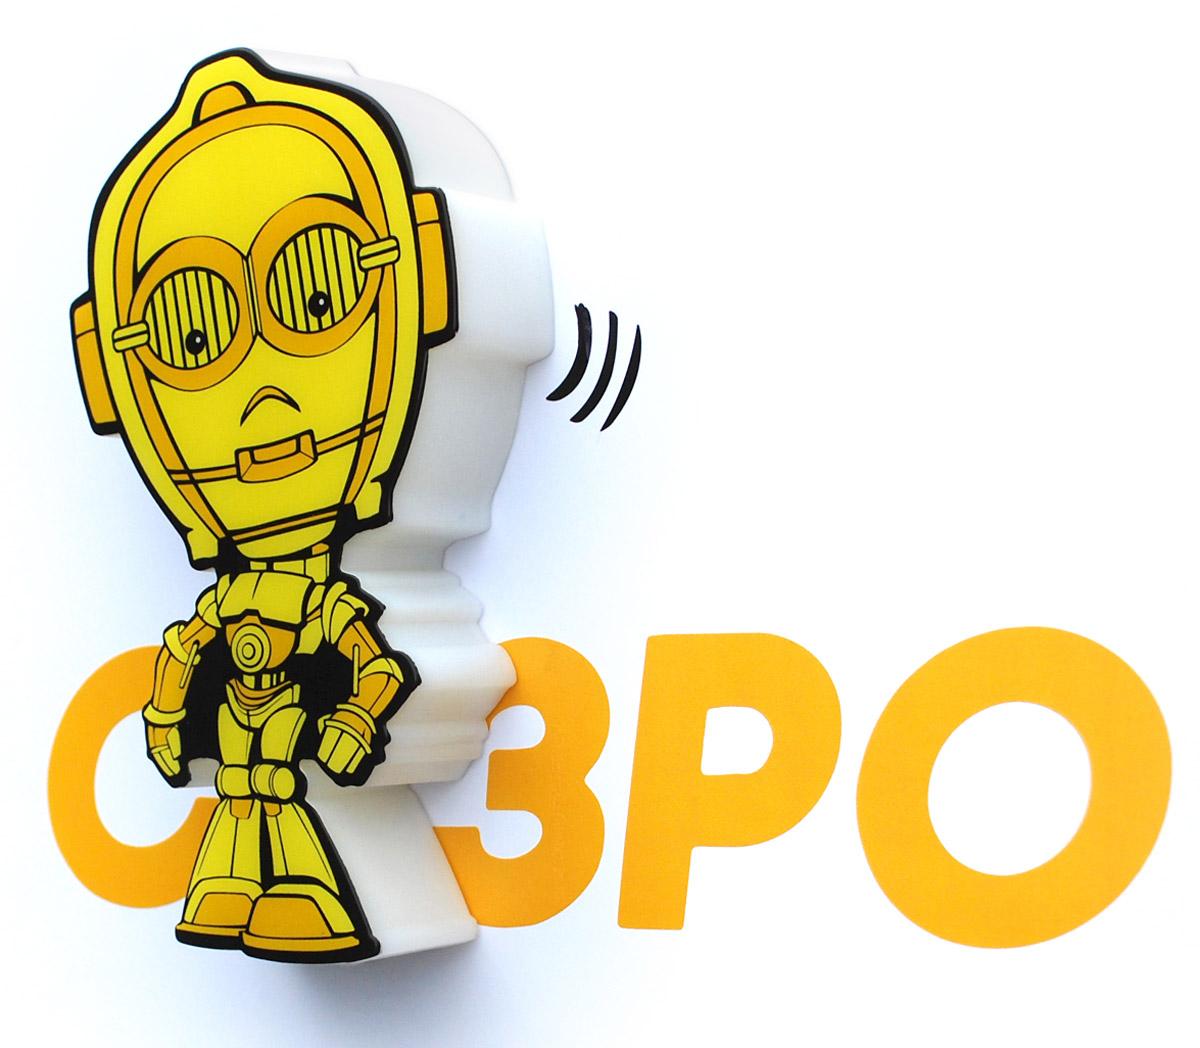 Star Wars Пробивной 3D мини-светильник C-3PO50011120Безопасный: без проводов, работает от батареек (2хААА, не входят в комплект); Не нагревается: всегда можно дотронуться до изделия; Реалистичный:3D наклейка в комплекте; Фантастический: выглядит превосходно в любое время суток; Удобный: простая установка (автоматическое выключение через полчаса непрерывной работы). Товар предназначен для детей старше 3 лет. ВНИМАНИЕ! Содержит мелкие детали, использовать под непосредственным наблюдением взрослых. Страна происхождения: Китай. Дизайн и разработка: Канада.